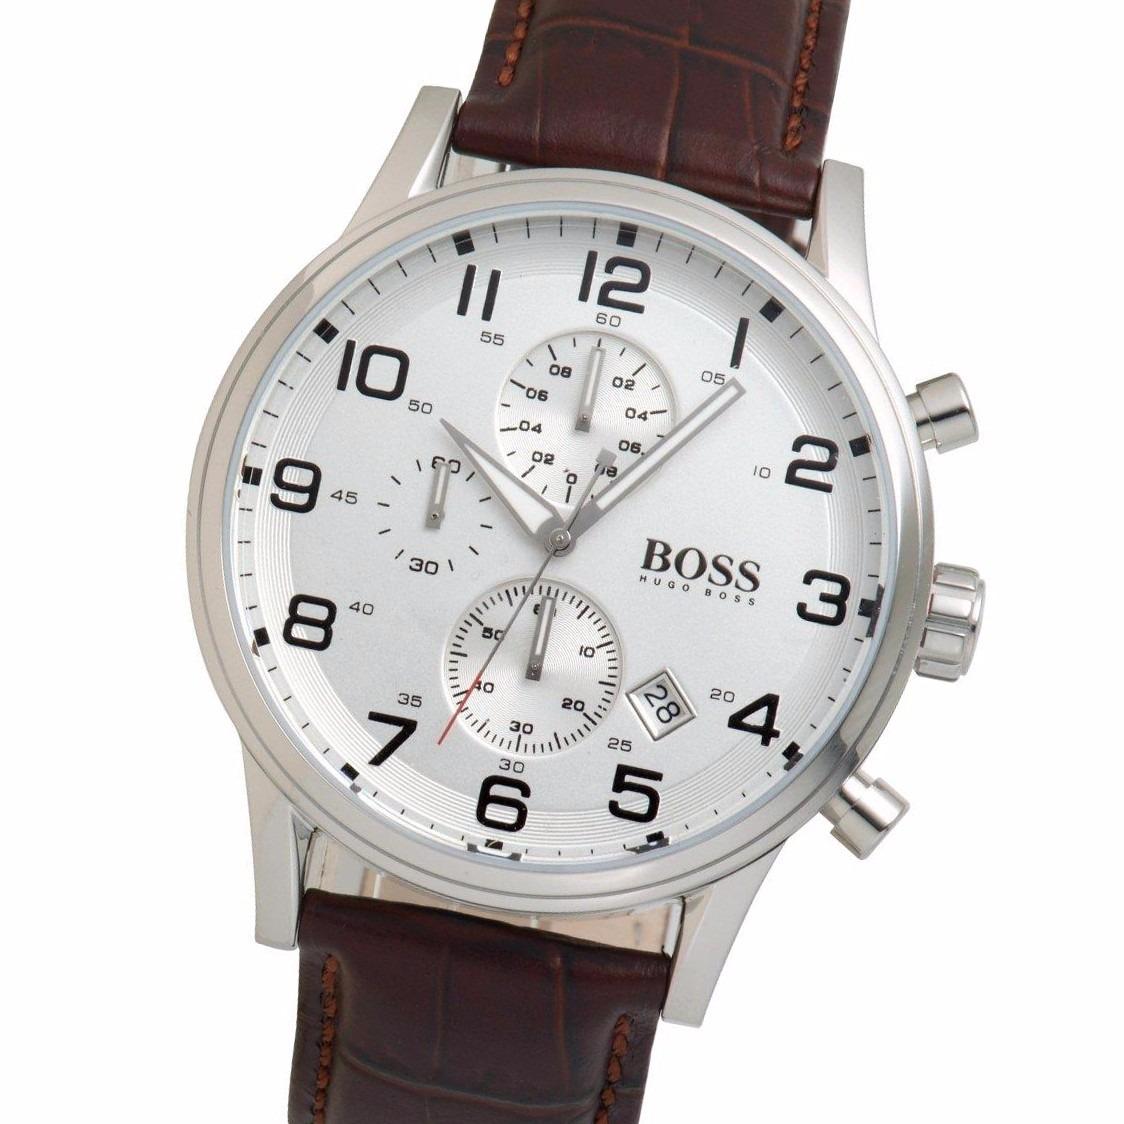 c26e9b98865f ... reloj hugo boss mercadolibre ...